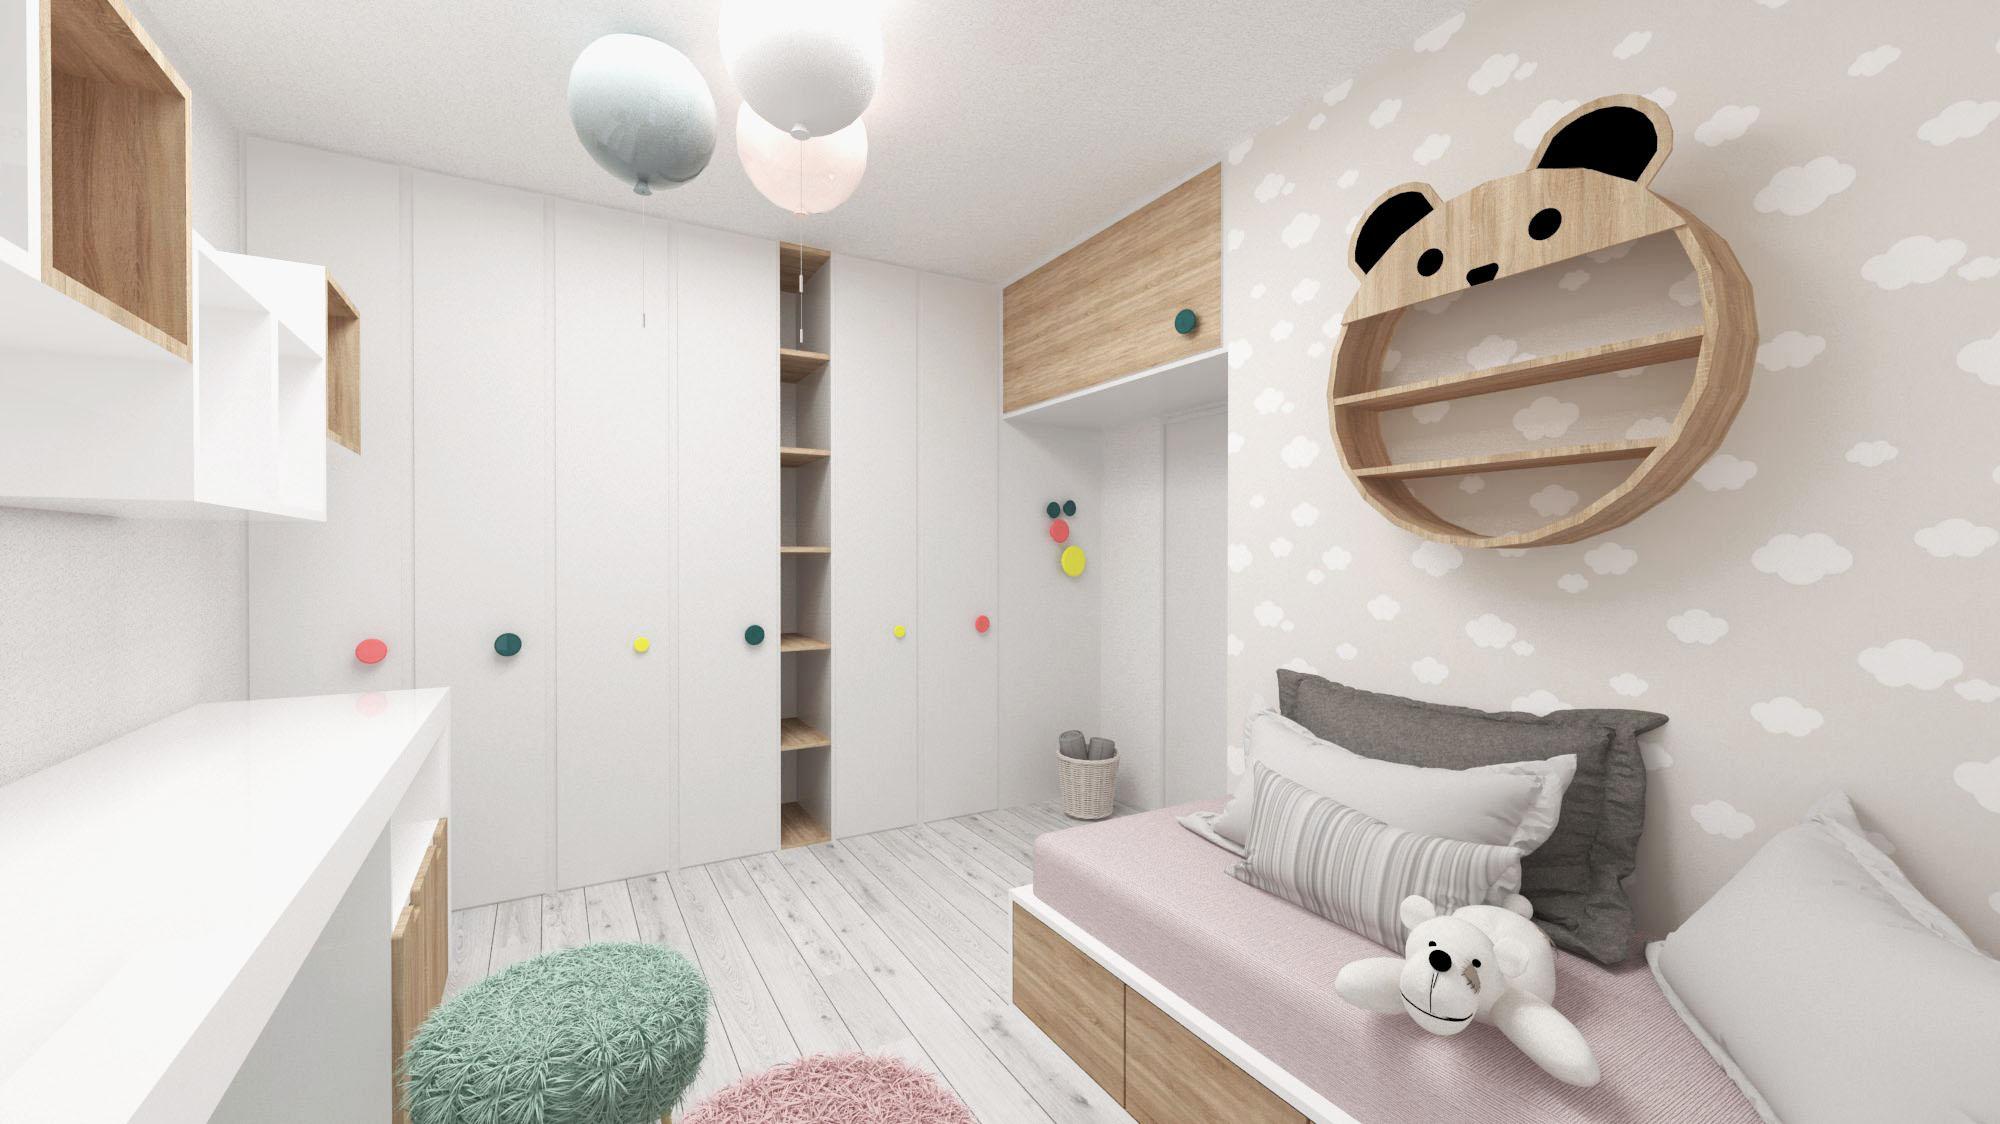 Návrh interiéru pre byt v novostavbe - detská izba